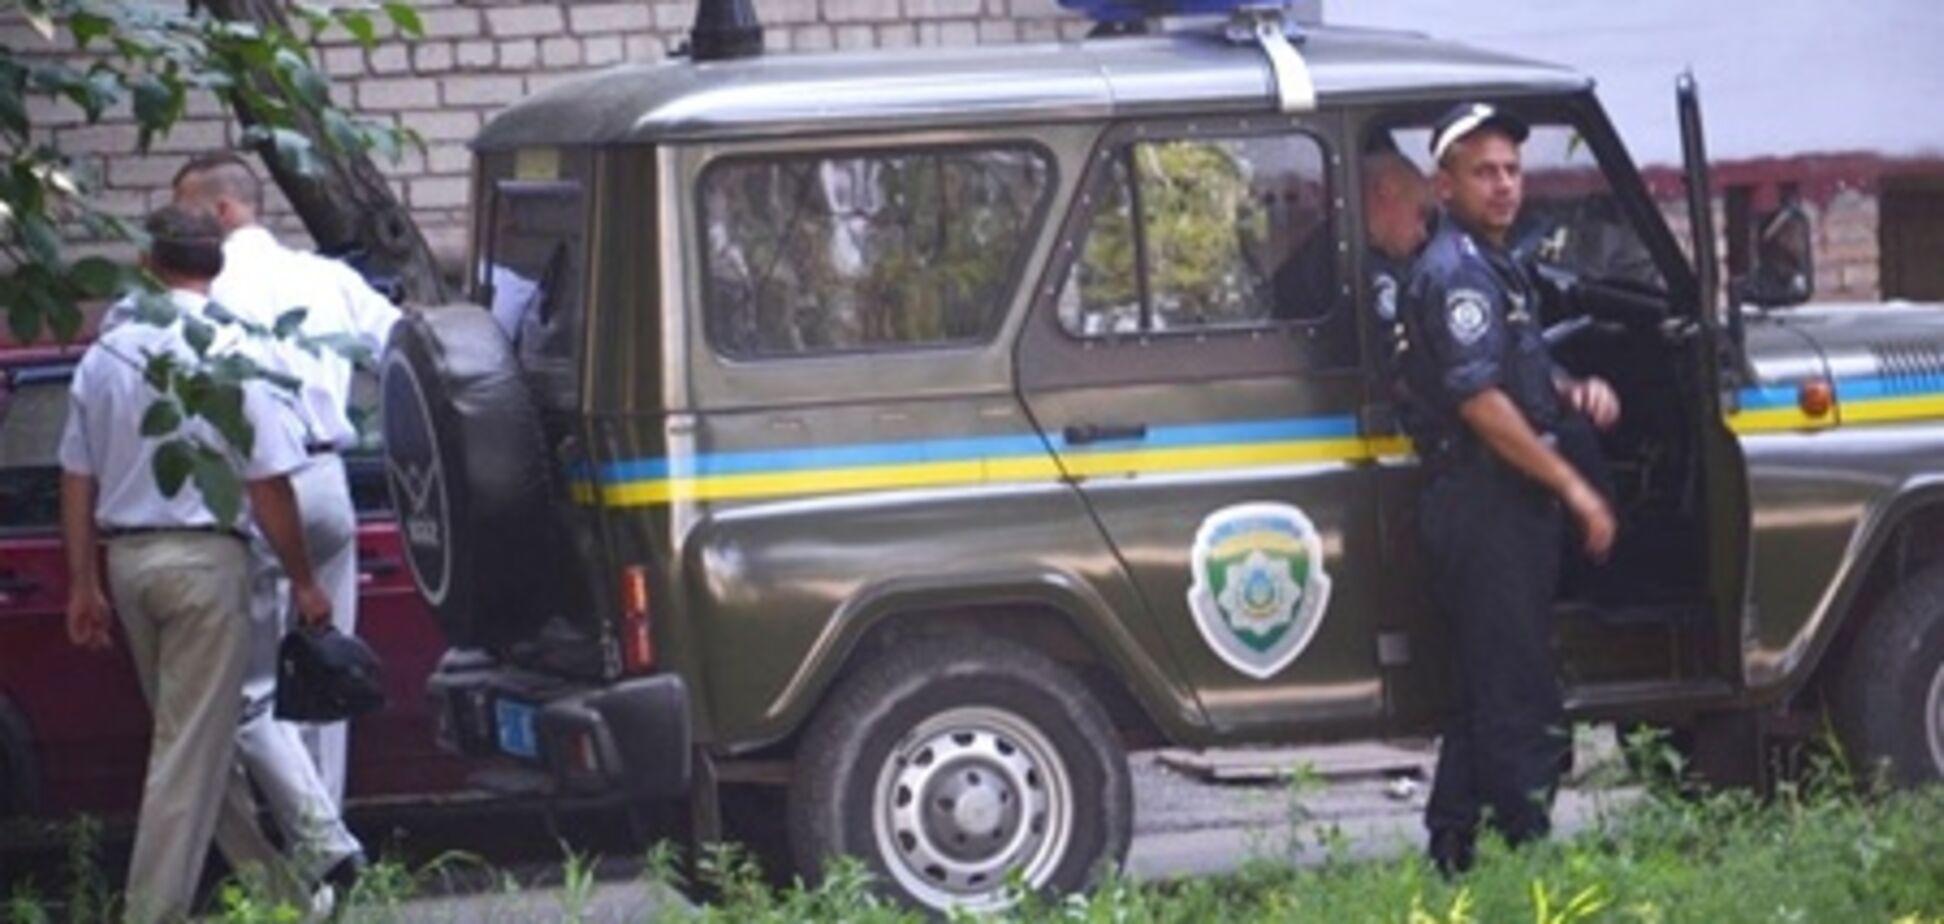 Наліт на інкасаторів у Миколаєві: знайдено труп таксиста